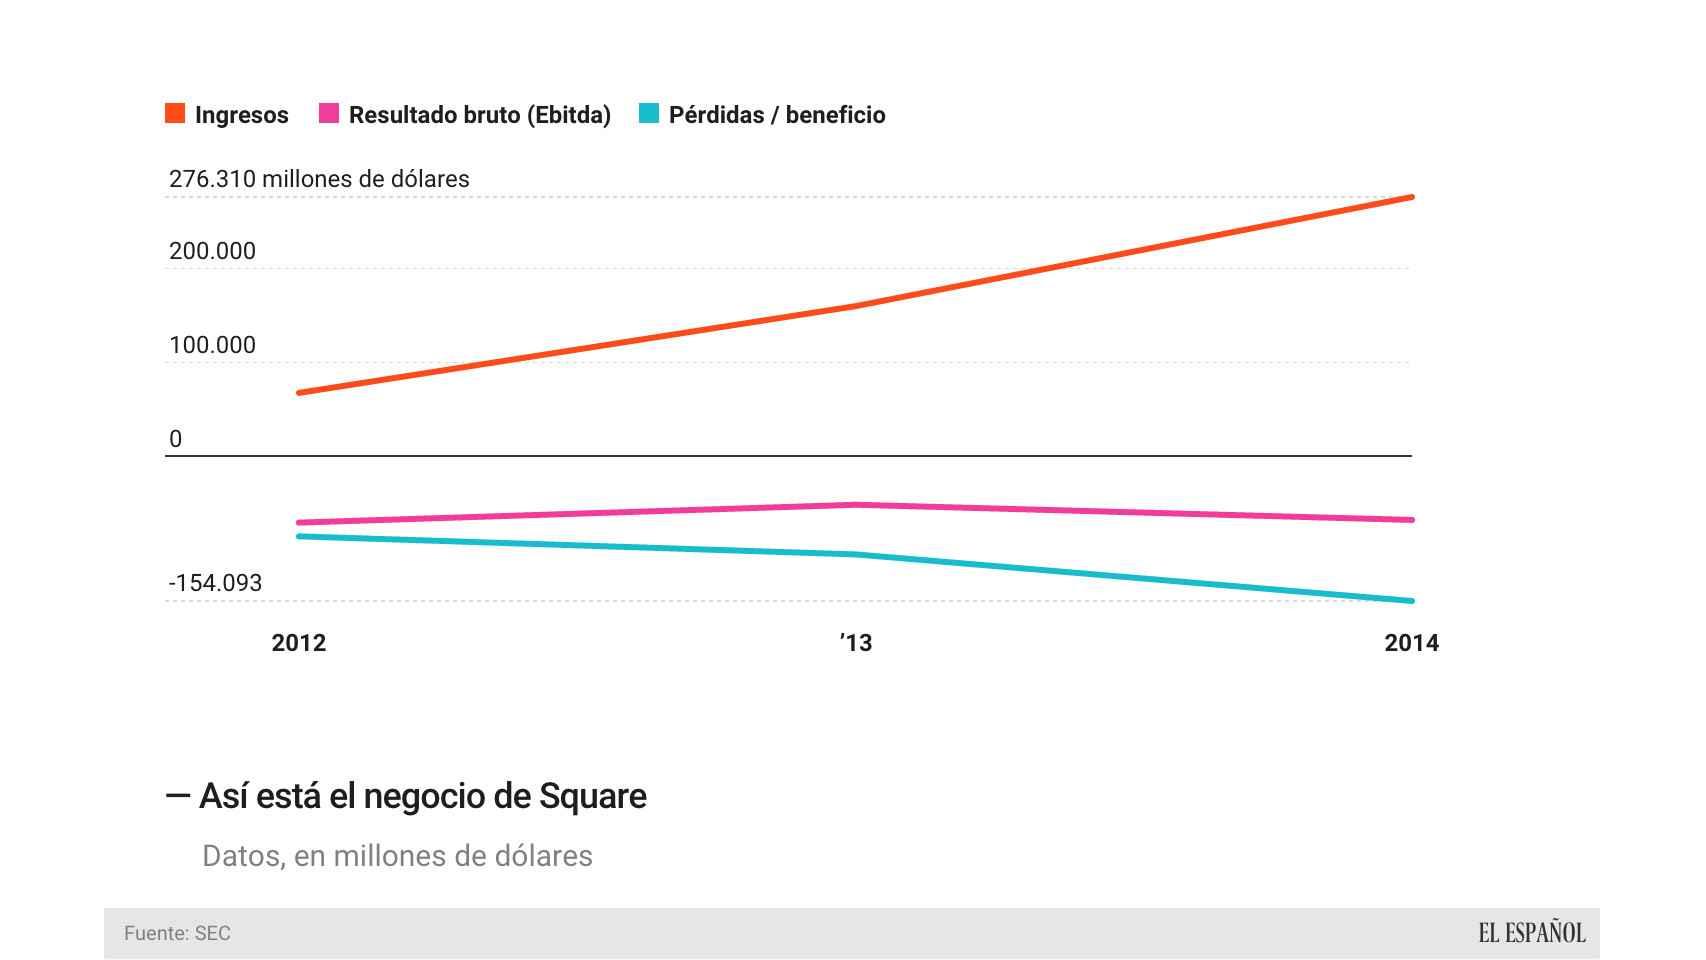 Evolución del negocio de Square.